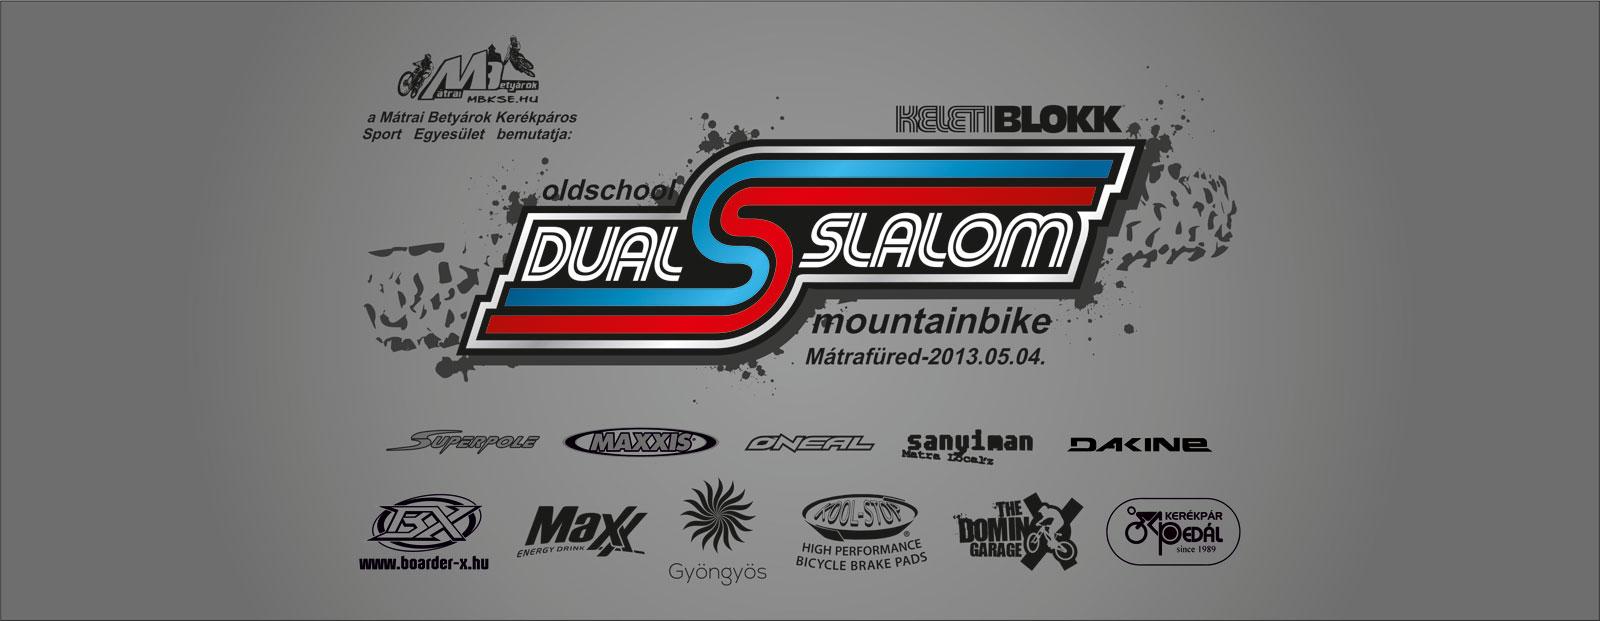 IV. Keleti Blokk Duál Slalom verseny